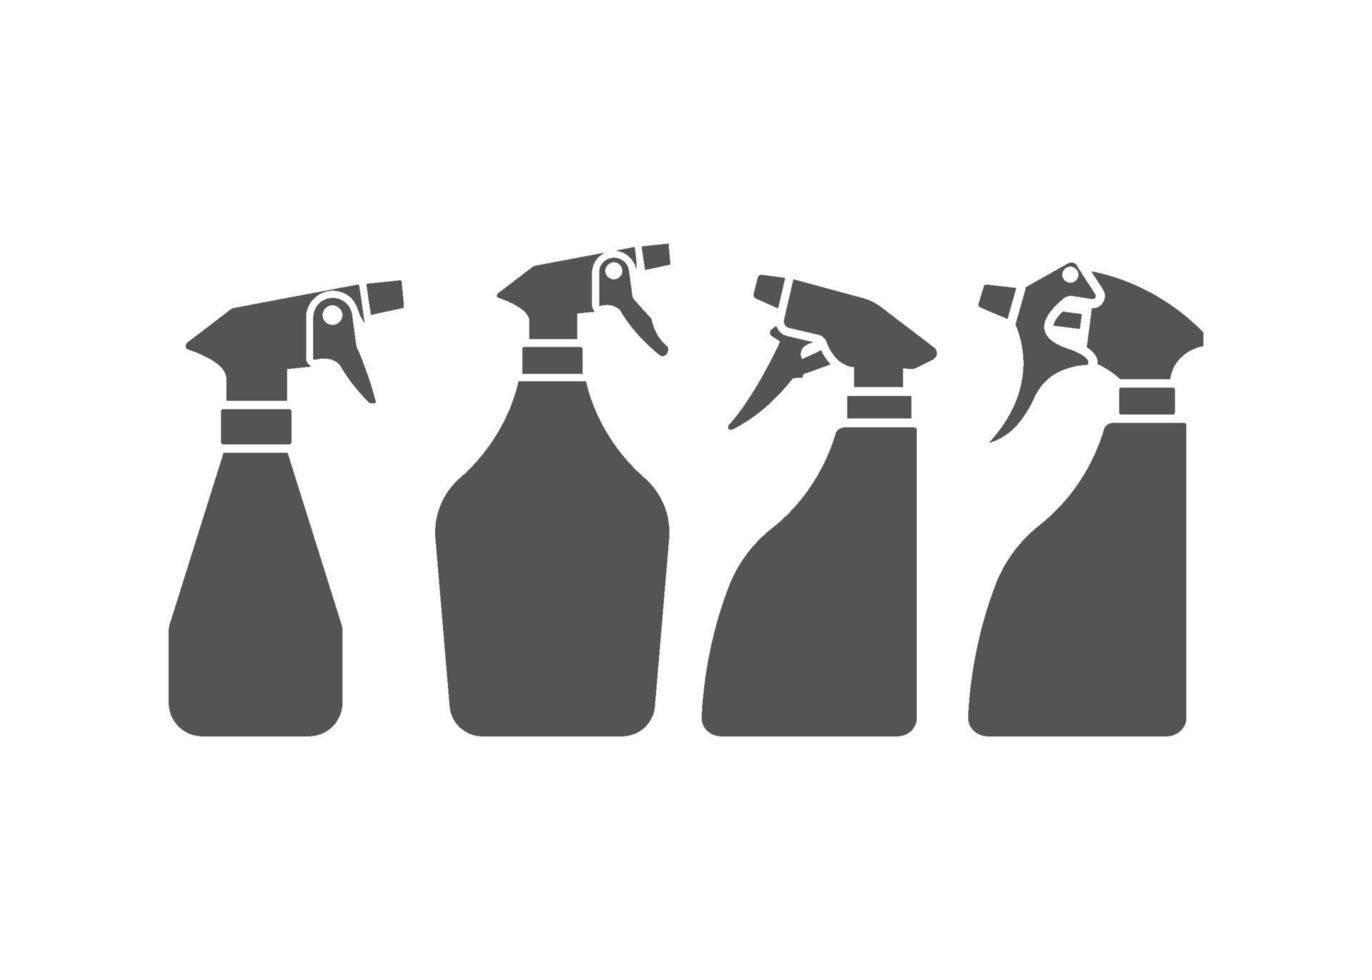 jeu de vecteur icône illustration pulvérisateur